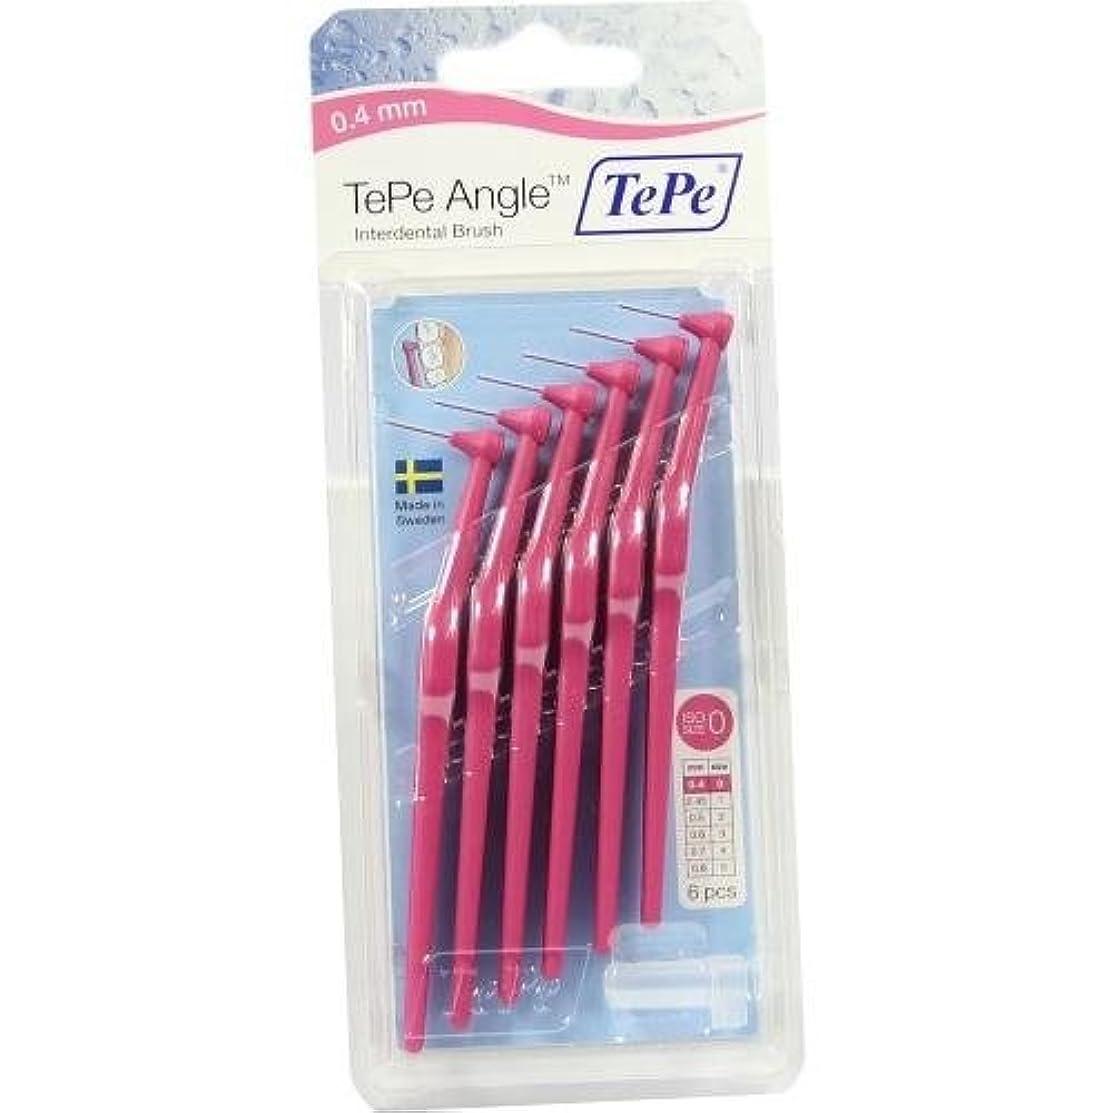 伝説特派員広告するTePe Angle Interdental Brushes 0.4 mm Pink Pack of 6 by TePe [並行輸入品]